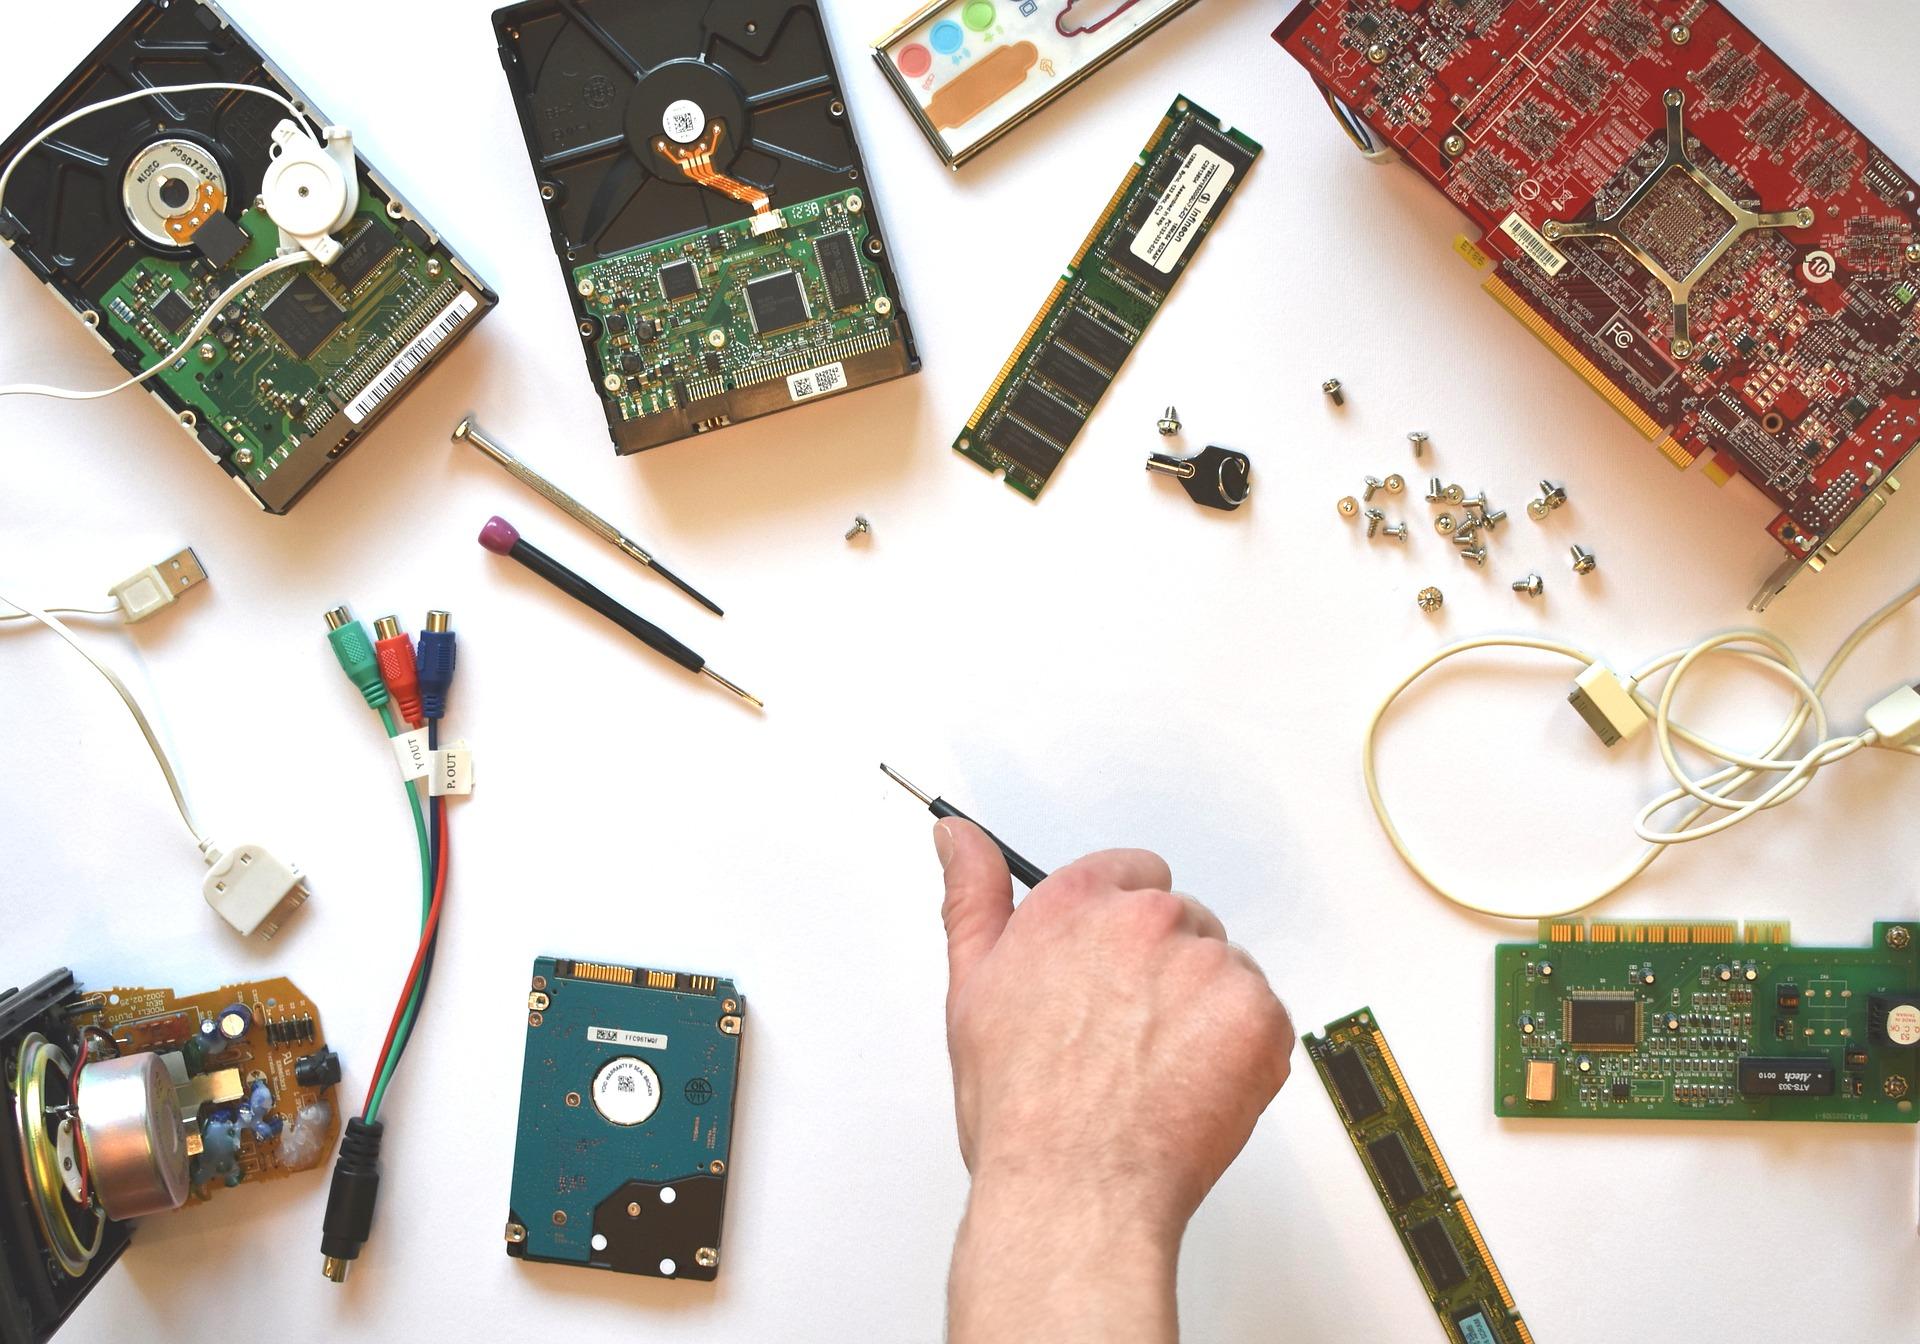 Repair hardwares, gain engineering knowlwdge